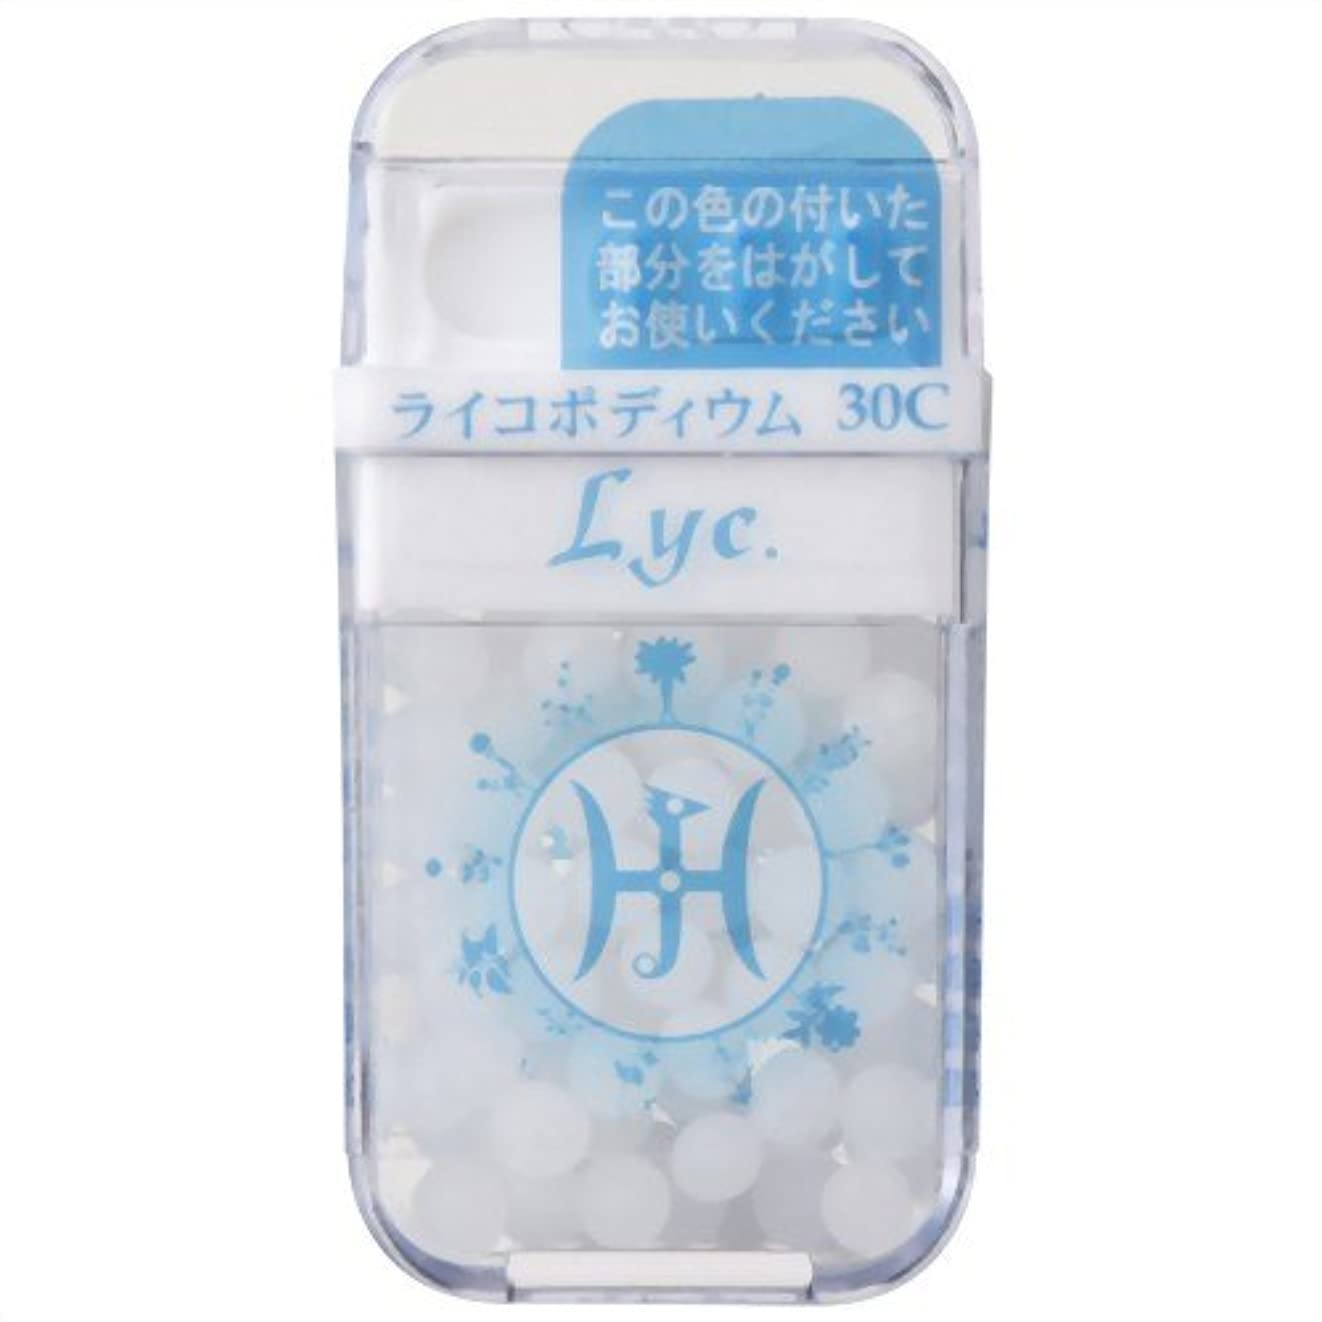 不純航空会社熟読するホメオパシージャパンレメディー Lyc.  ライコボディウム 30C (大ビン)